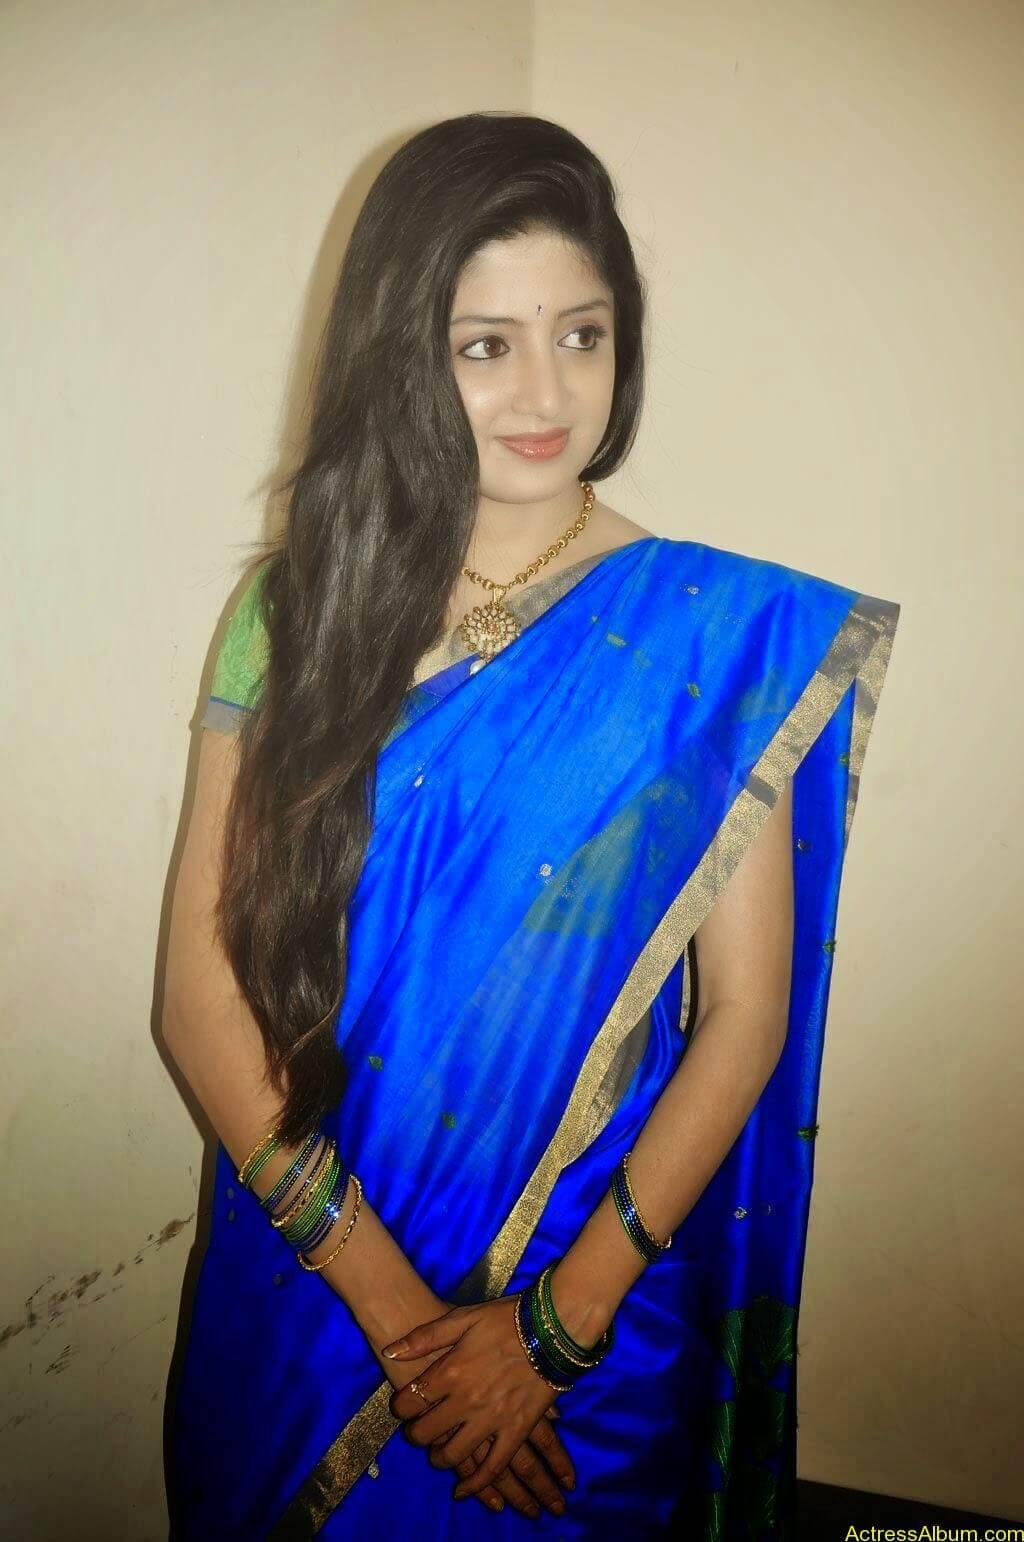 poonam_kaur-hot-images-in-saree (1)